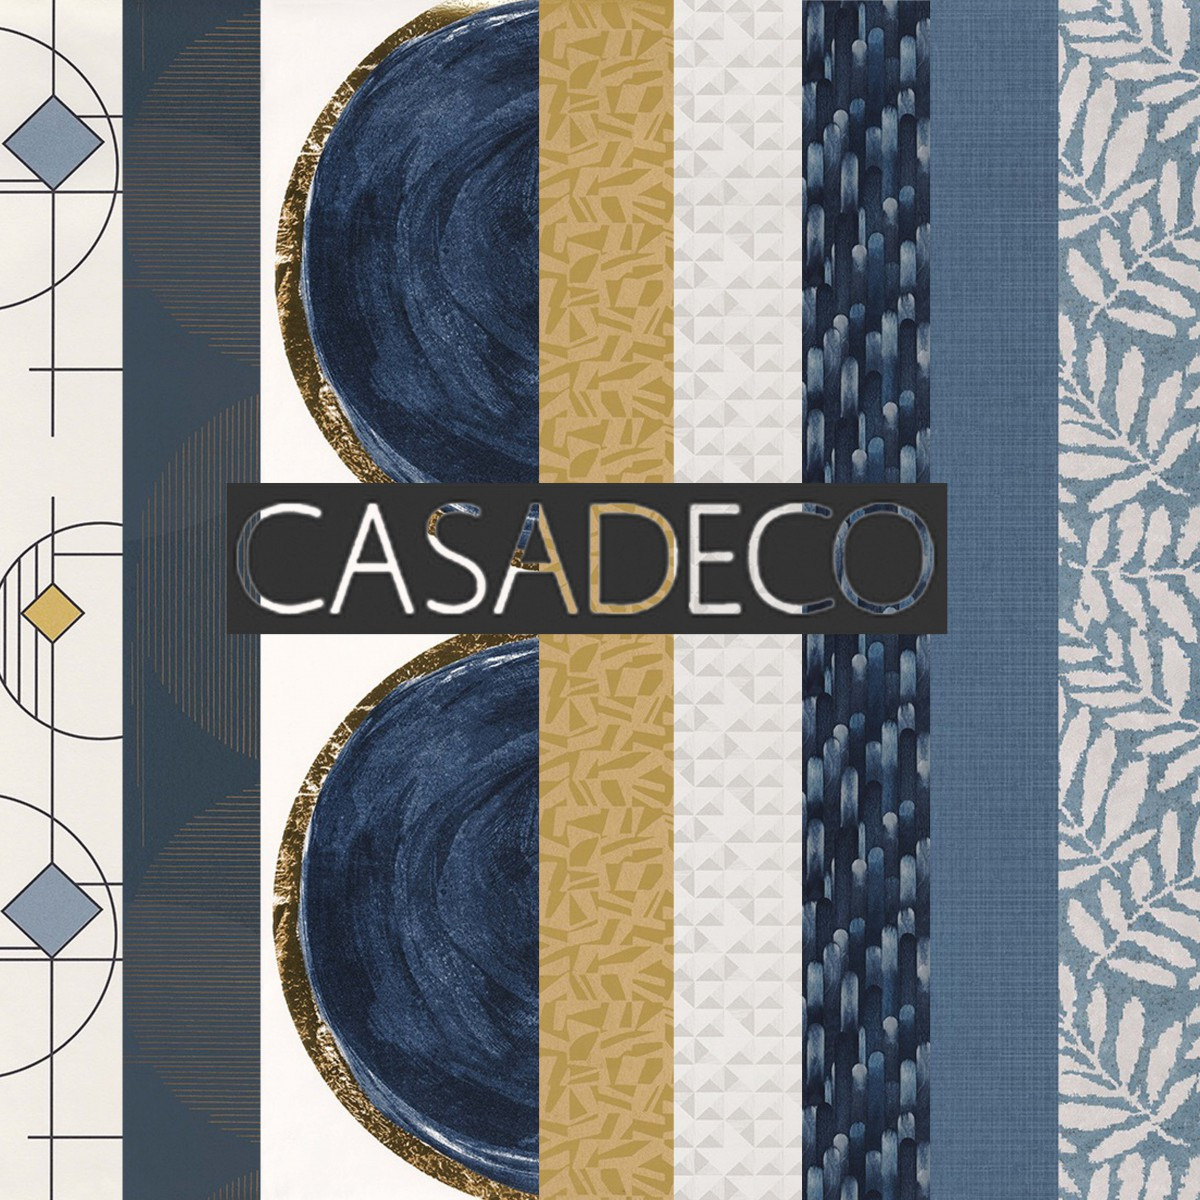 casadeco-couverture-2-2